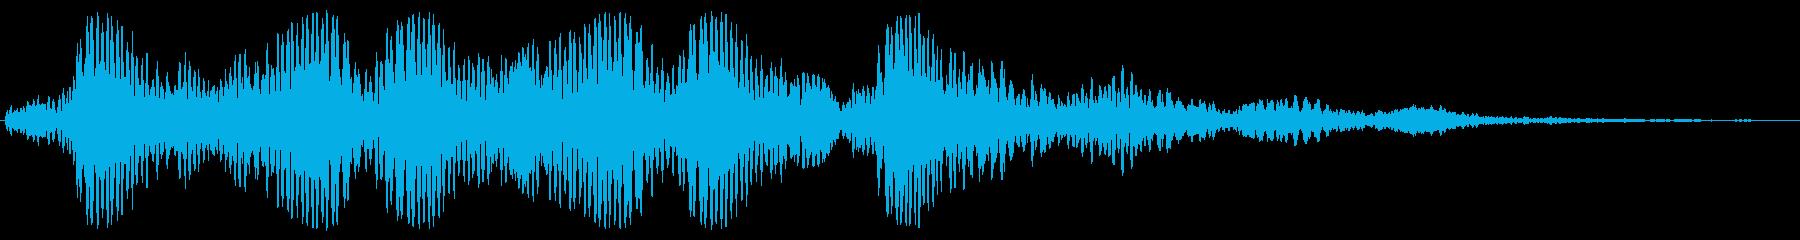 ホワ〜、フォンッ、っという笛のような音の再生済みの波形